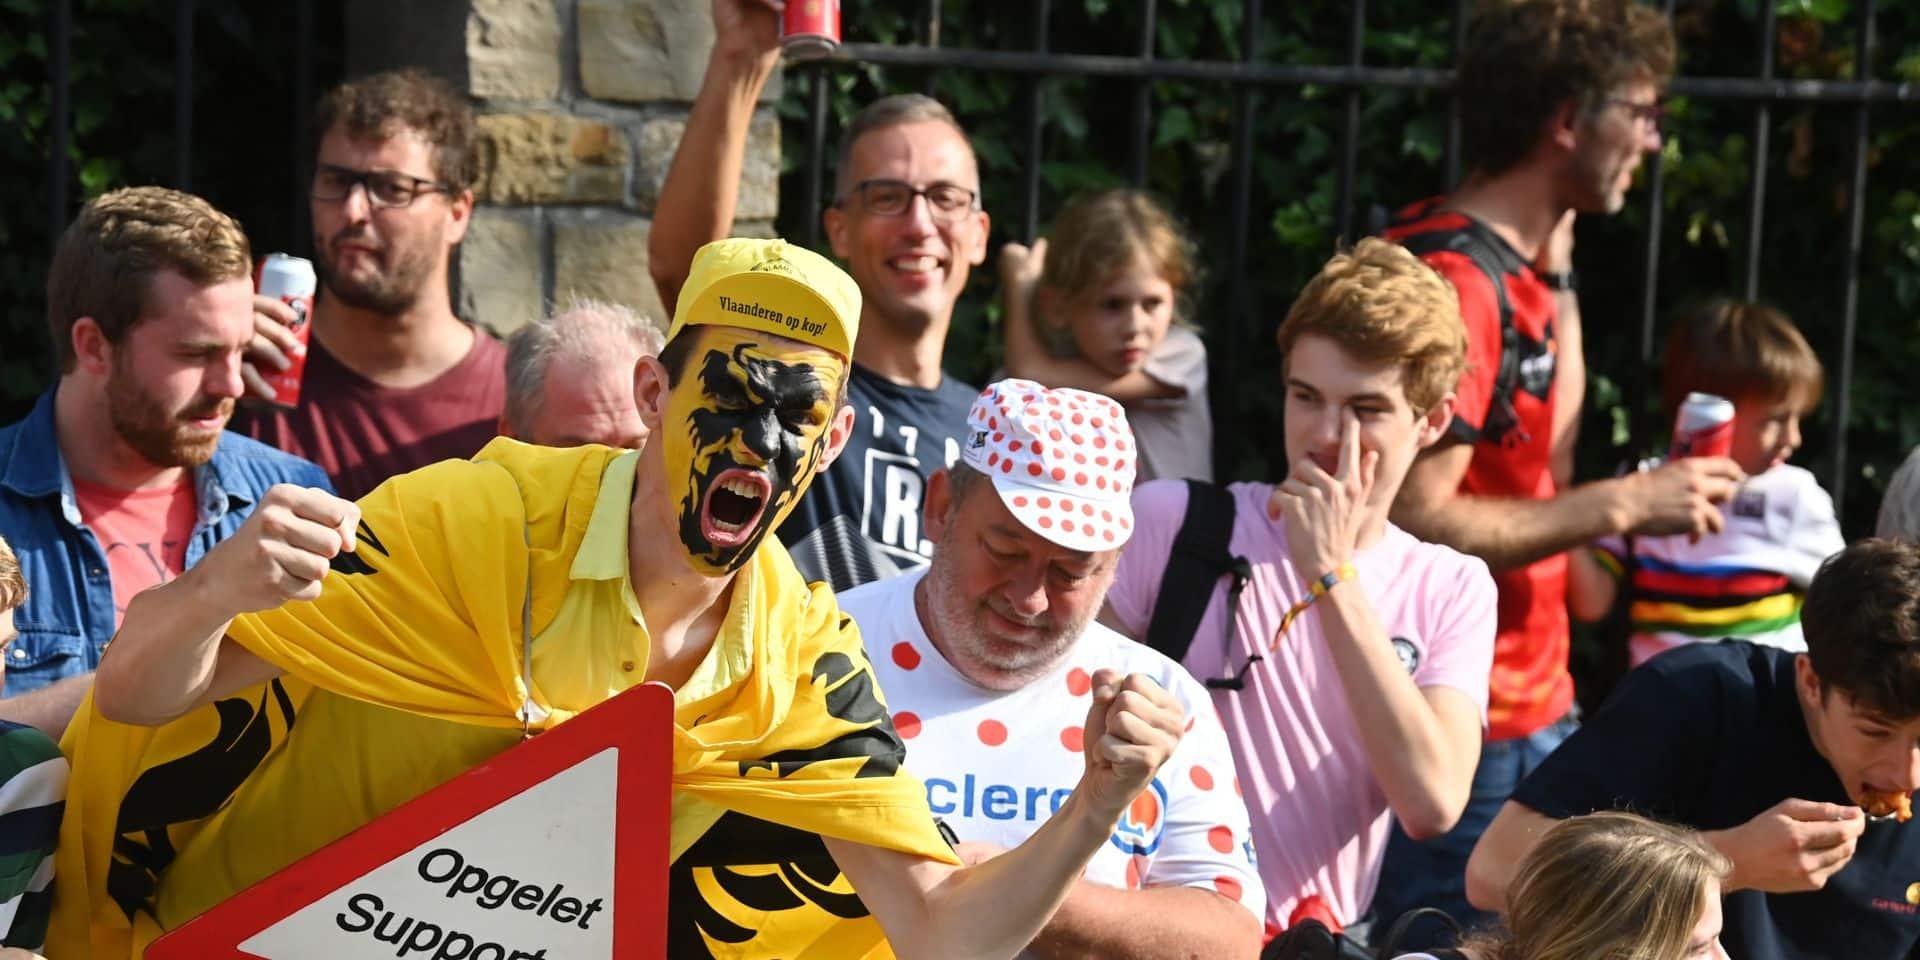 Louvain en folie: l'incroyable ambiance pour la dernière journée des Mondiaux de cyclisme (PHOTOS)